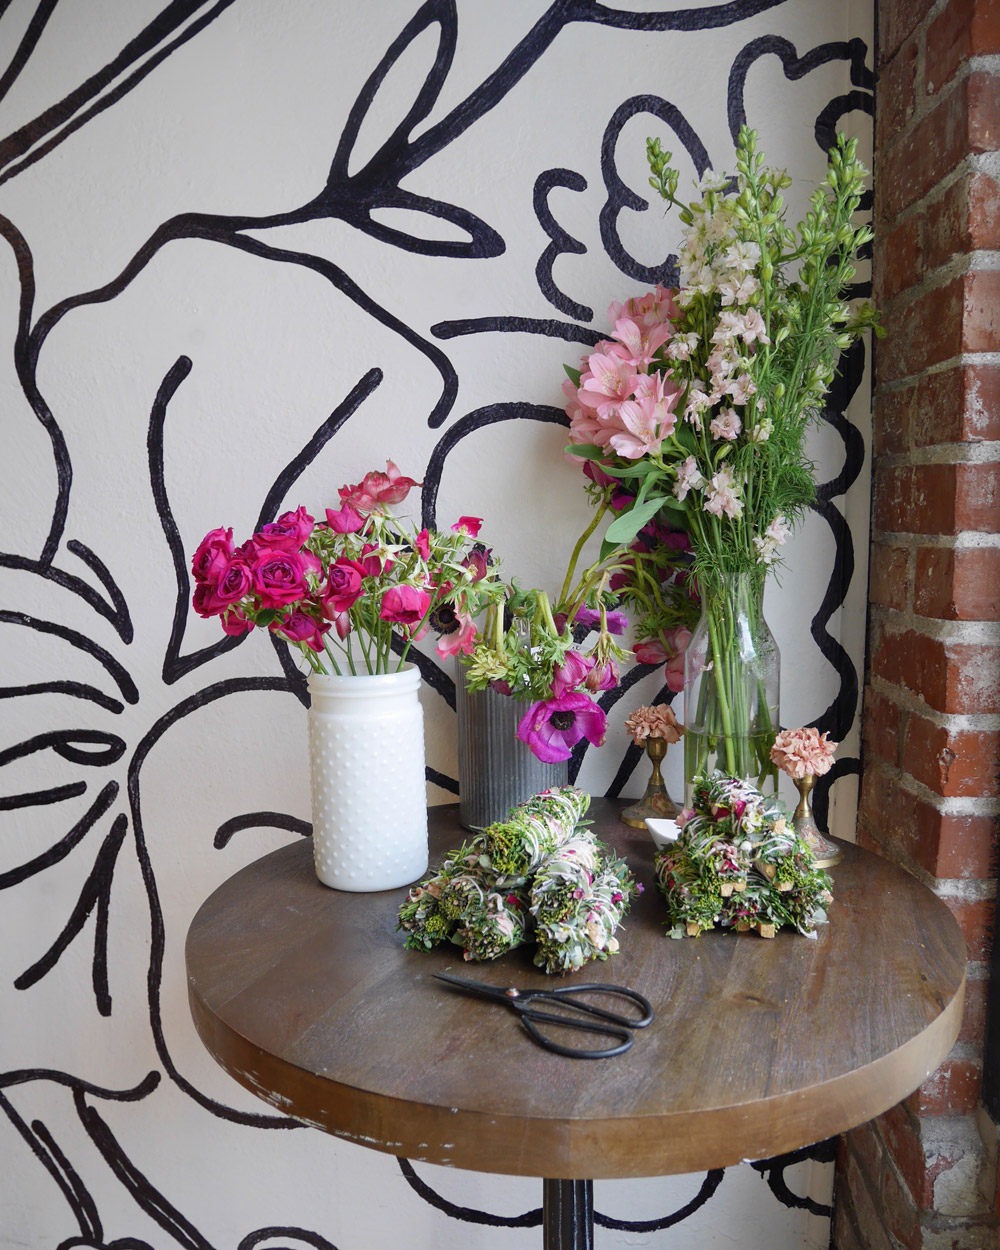 Workshop Botanicals & Gift Shop, Portland, Oregon